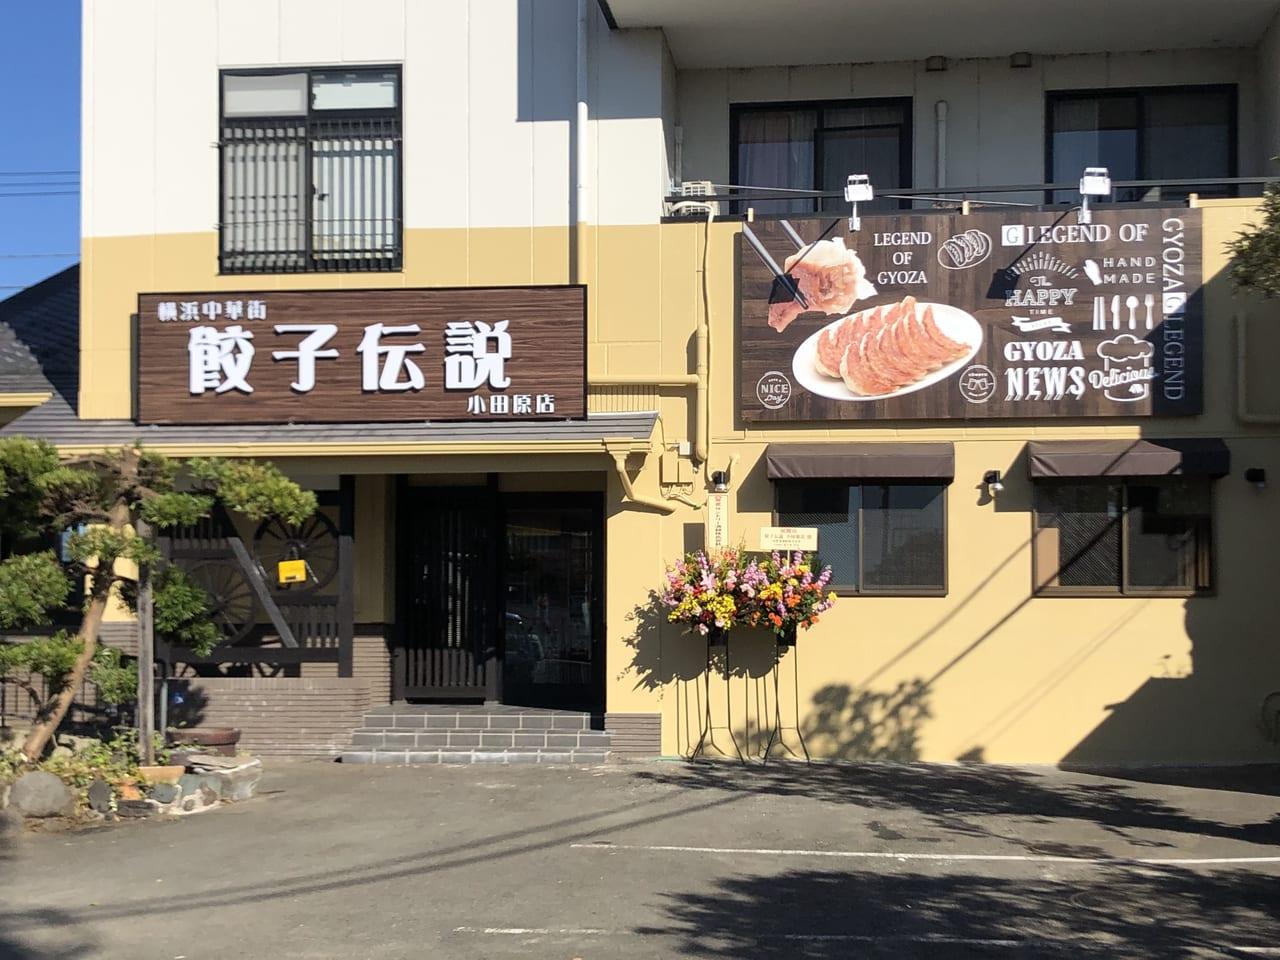 横浜中華街餃子伝説小田原店